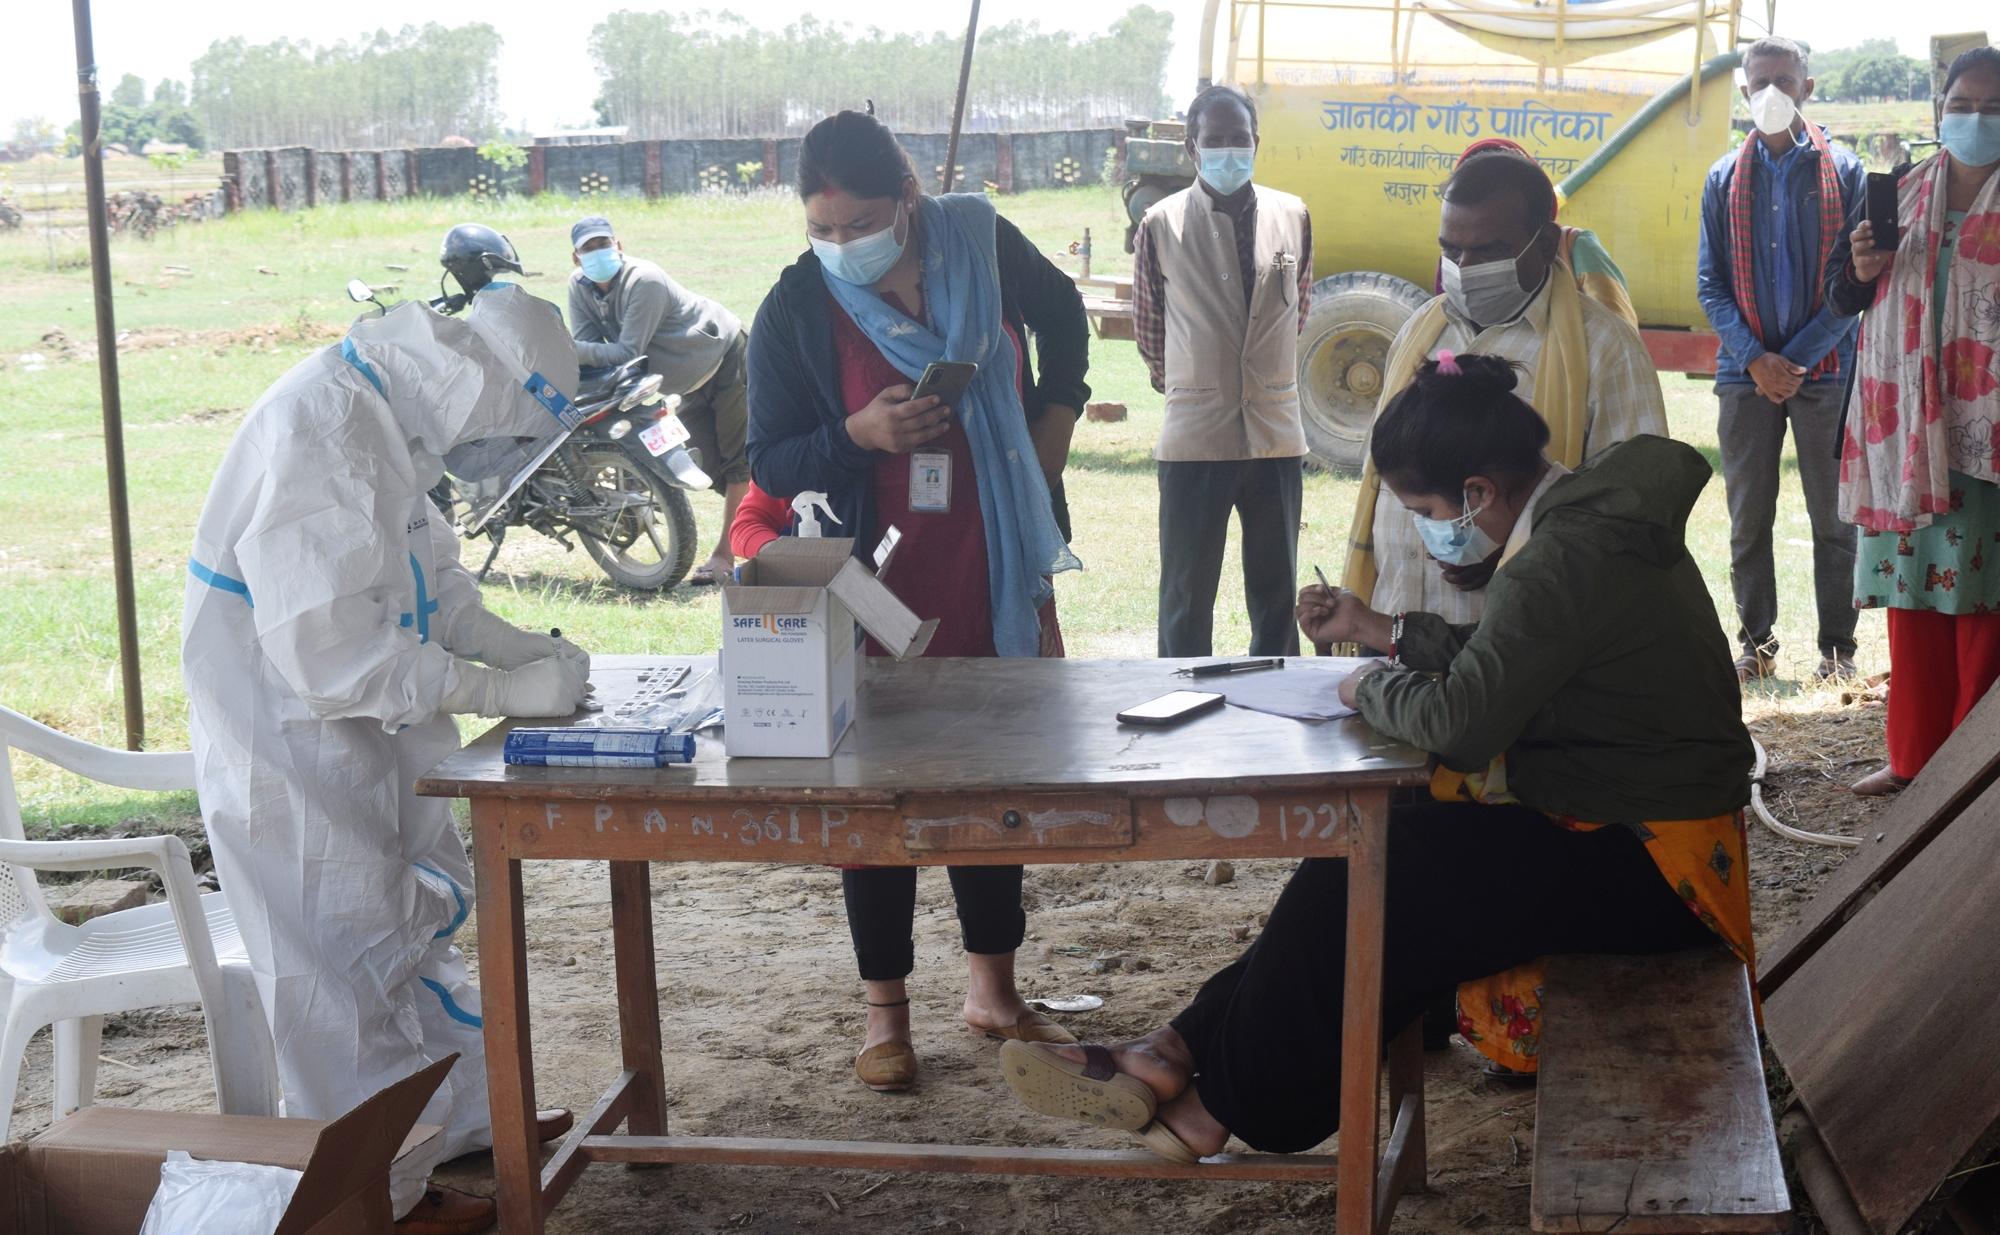 भेरी अस्पतालमा पीसीआर परीक्षण क्षमता दोब्बर, संक्रमित निको हुने दर बढ्यो